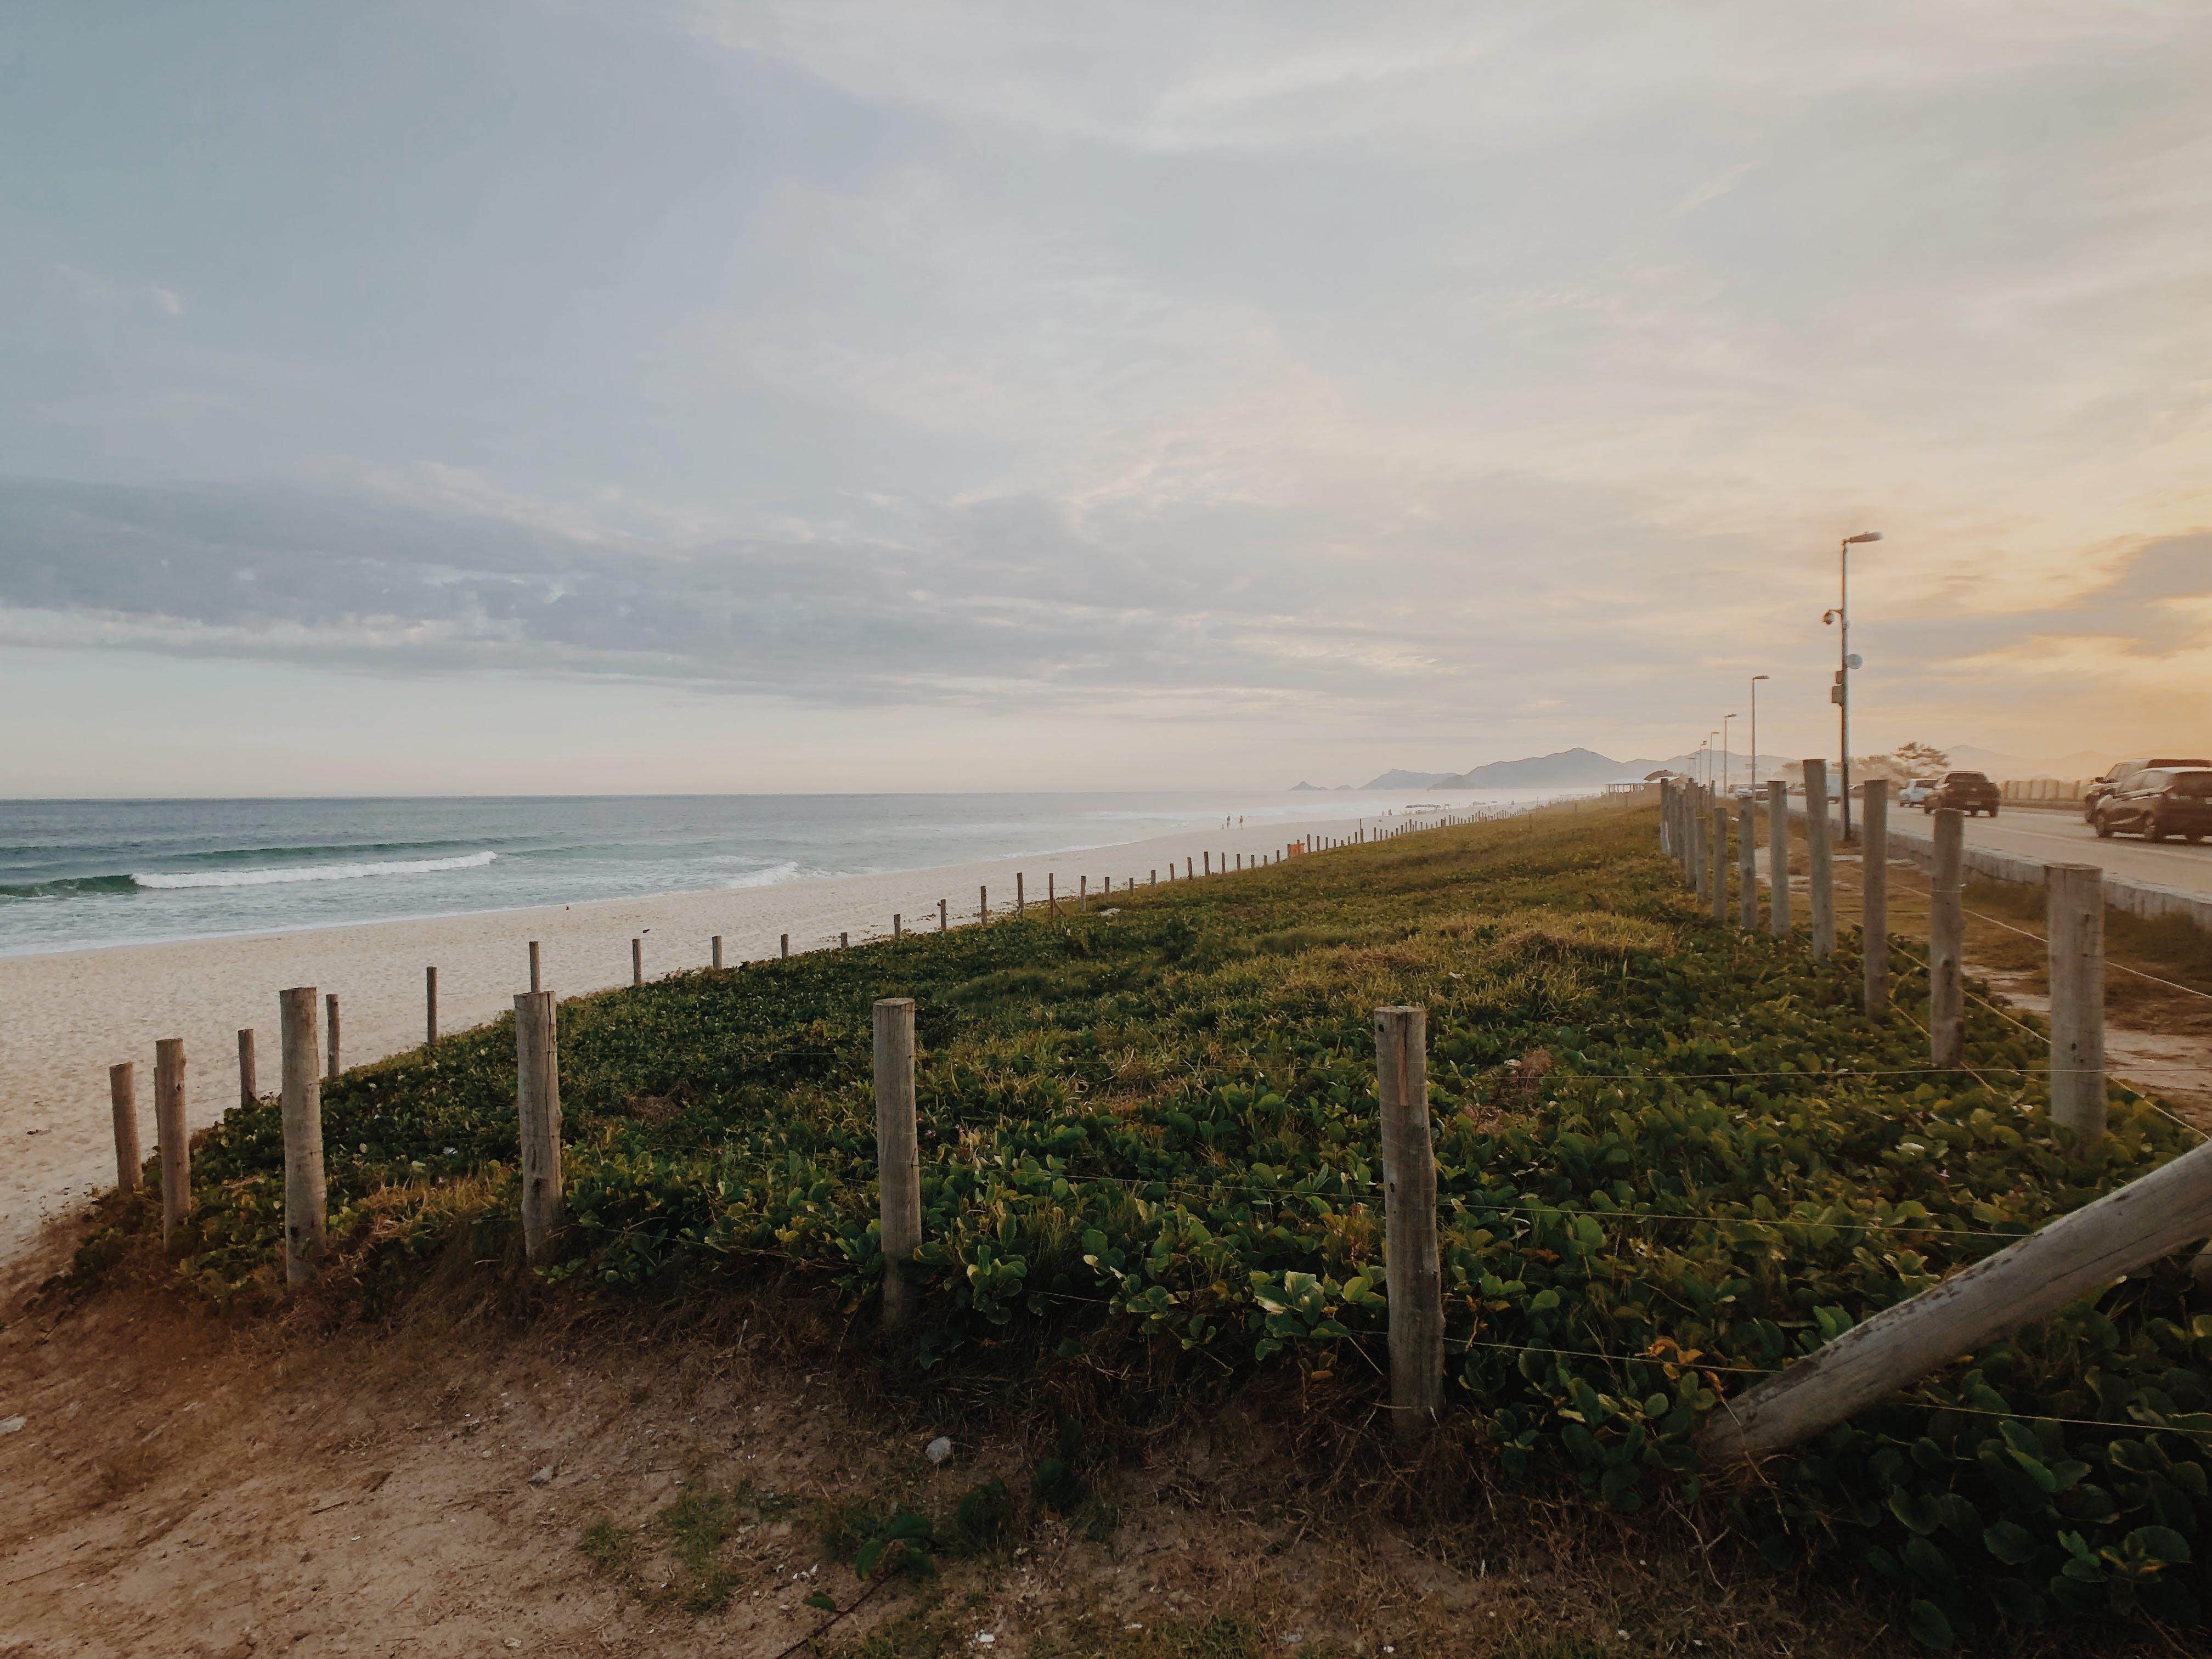 Photography of Grass Field Near Ocean